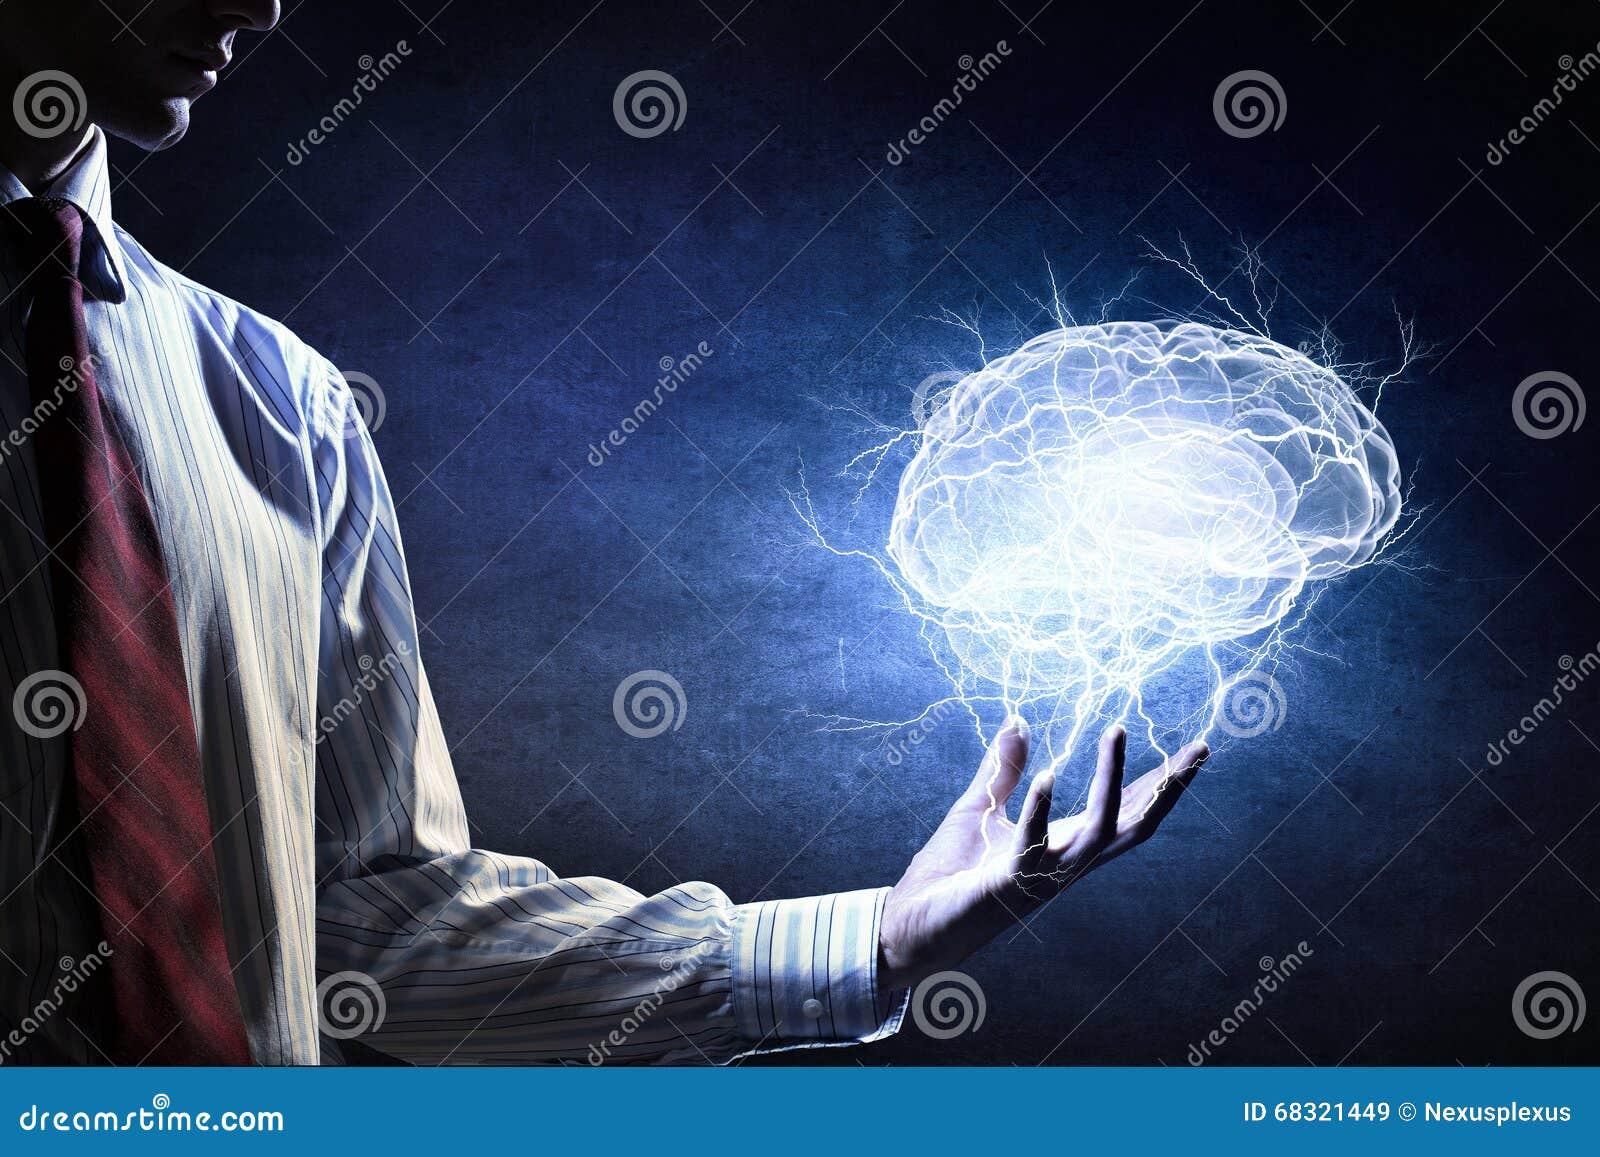 Gran capacidad de la mente